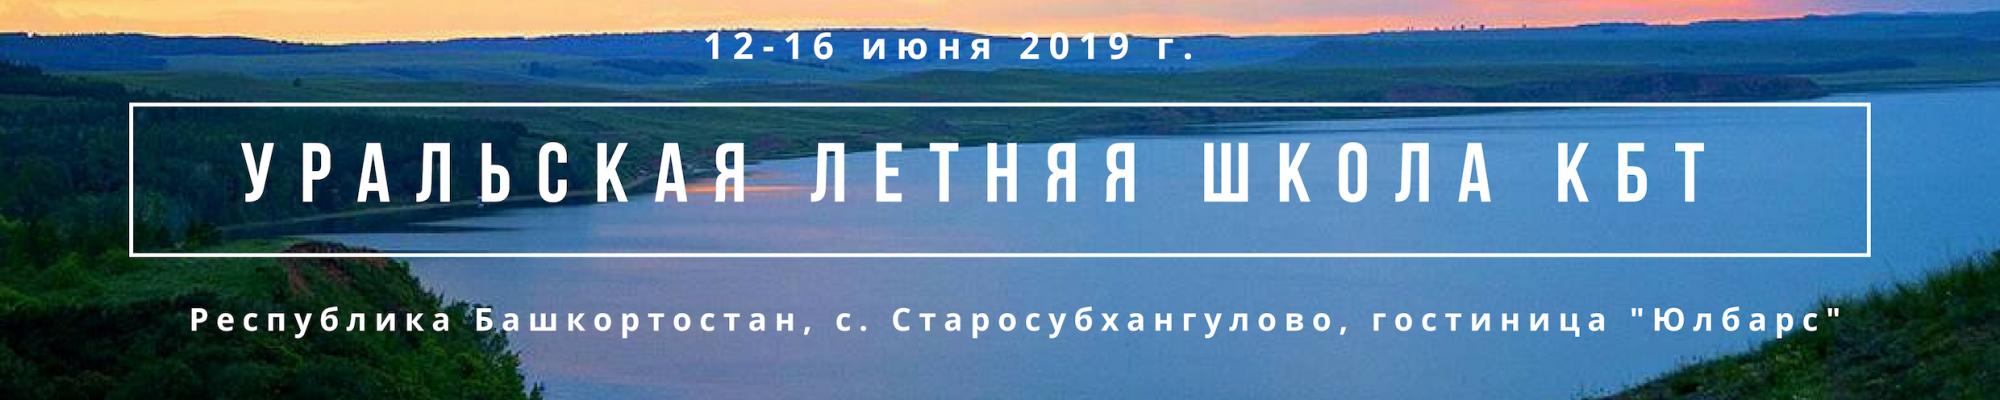 Уральская летняя школа КБТ